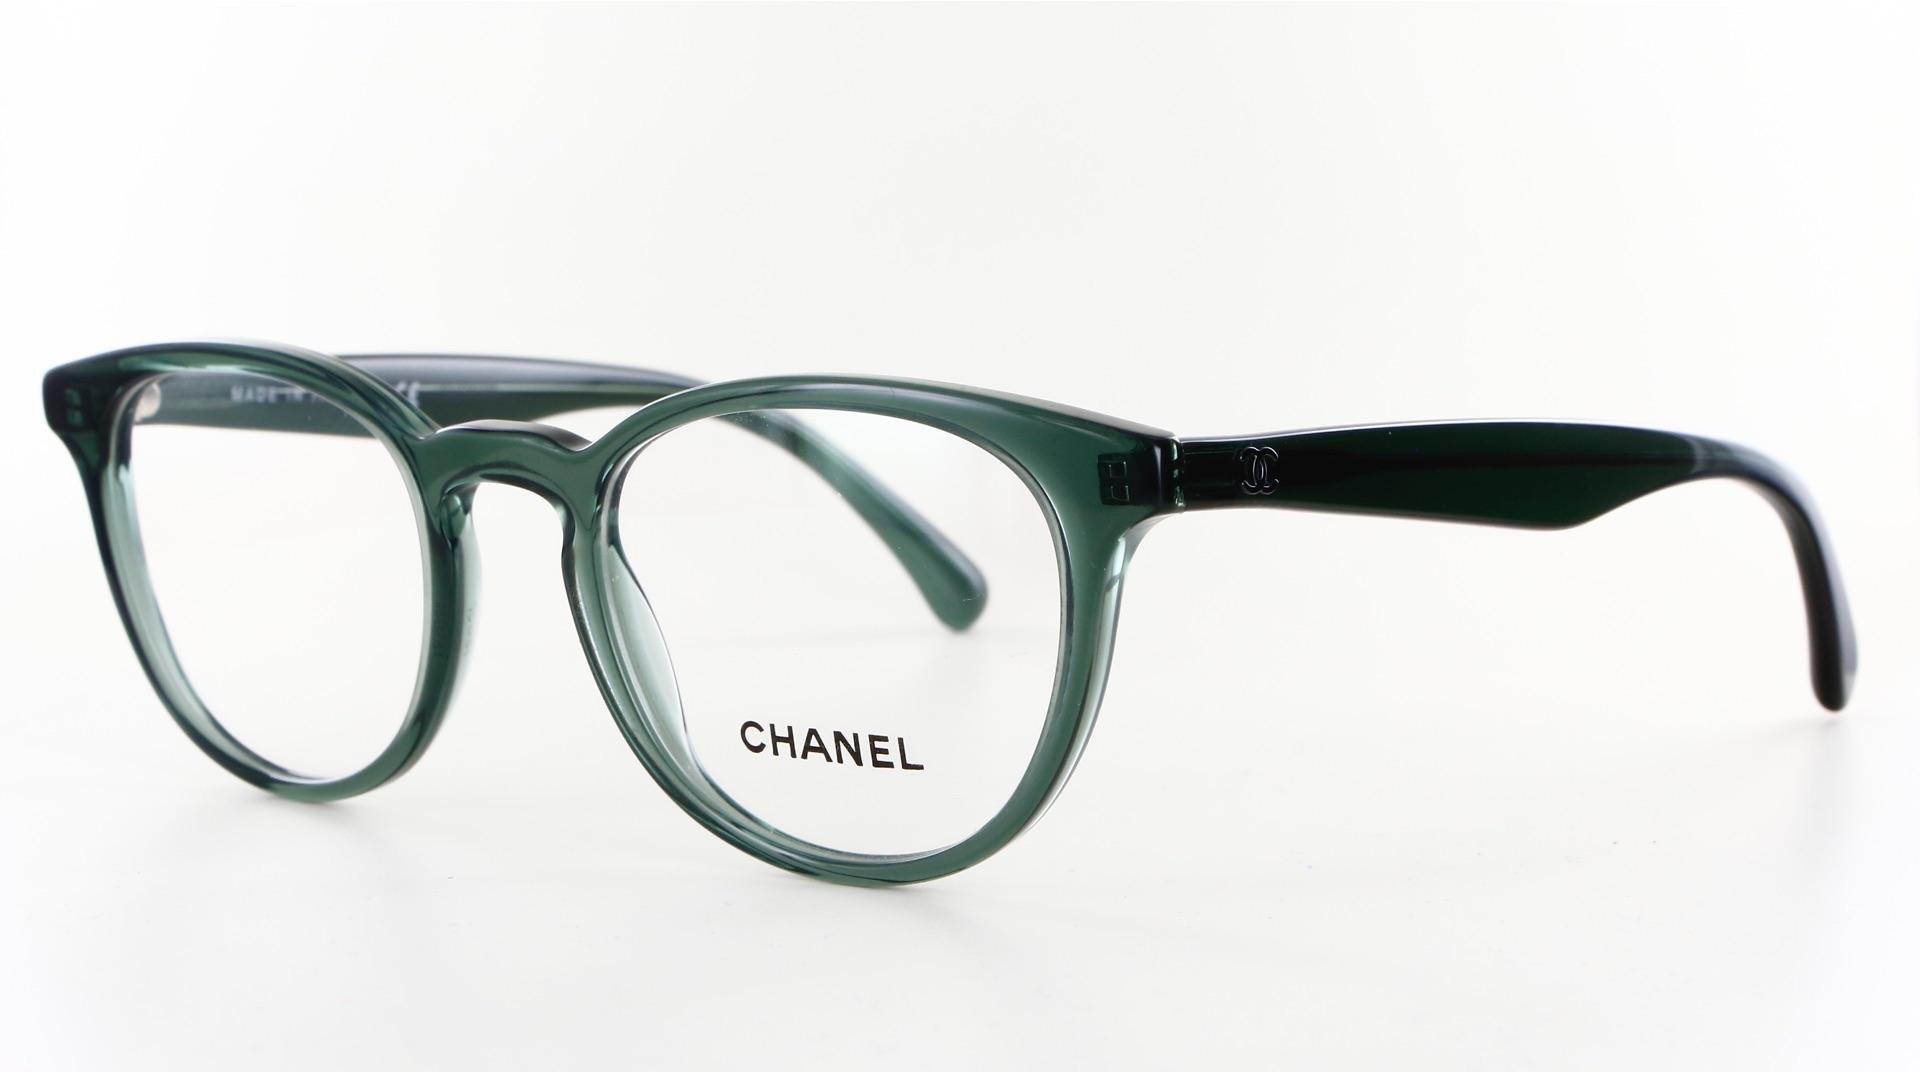 Chanel - ref: 78401